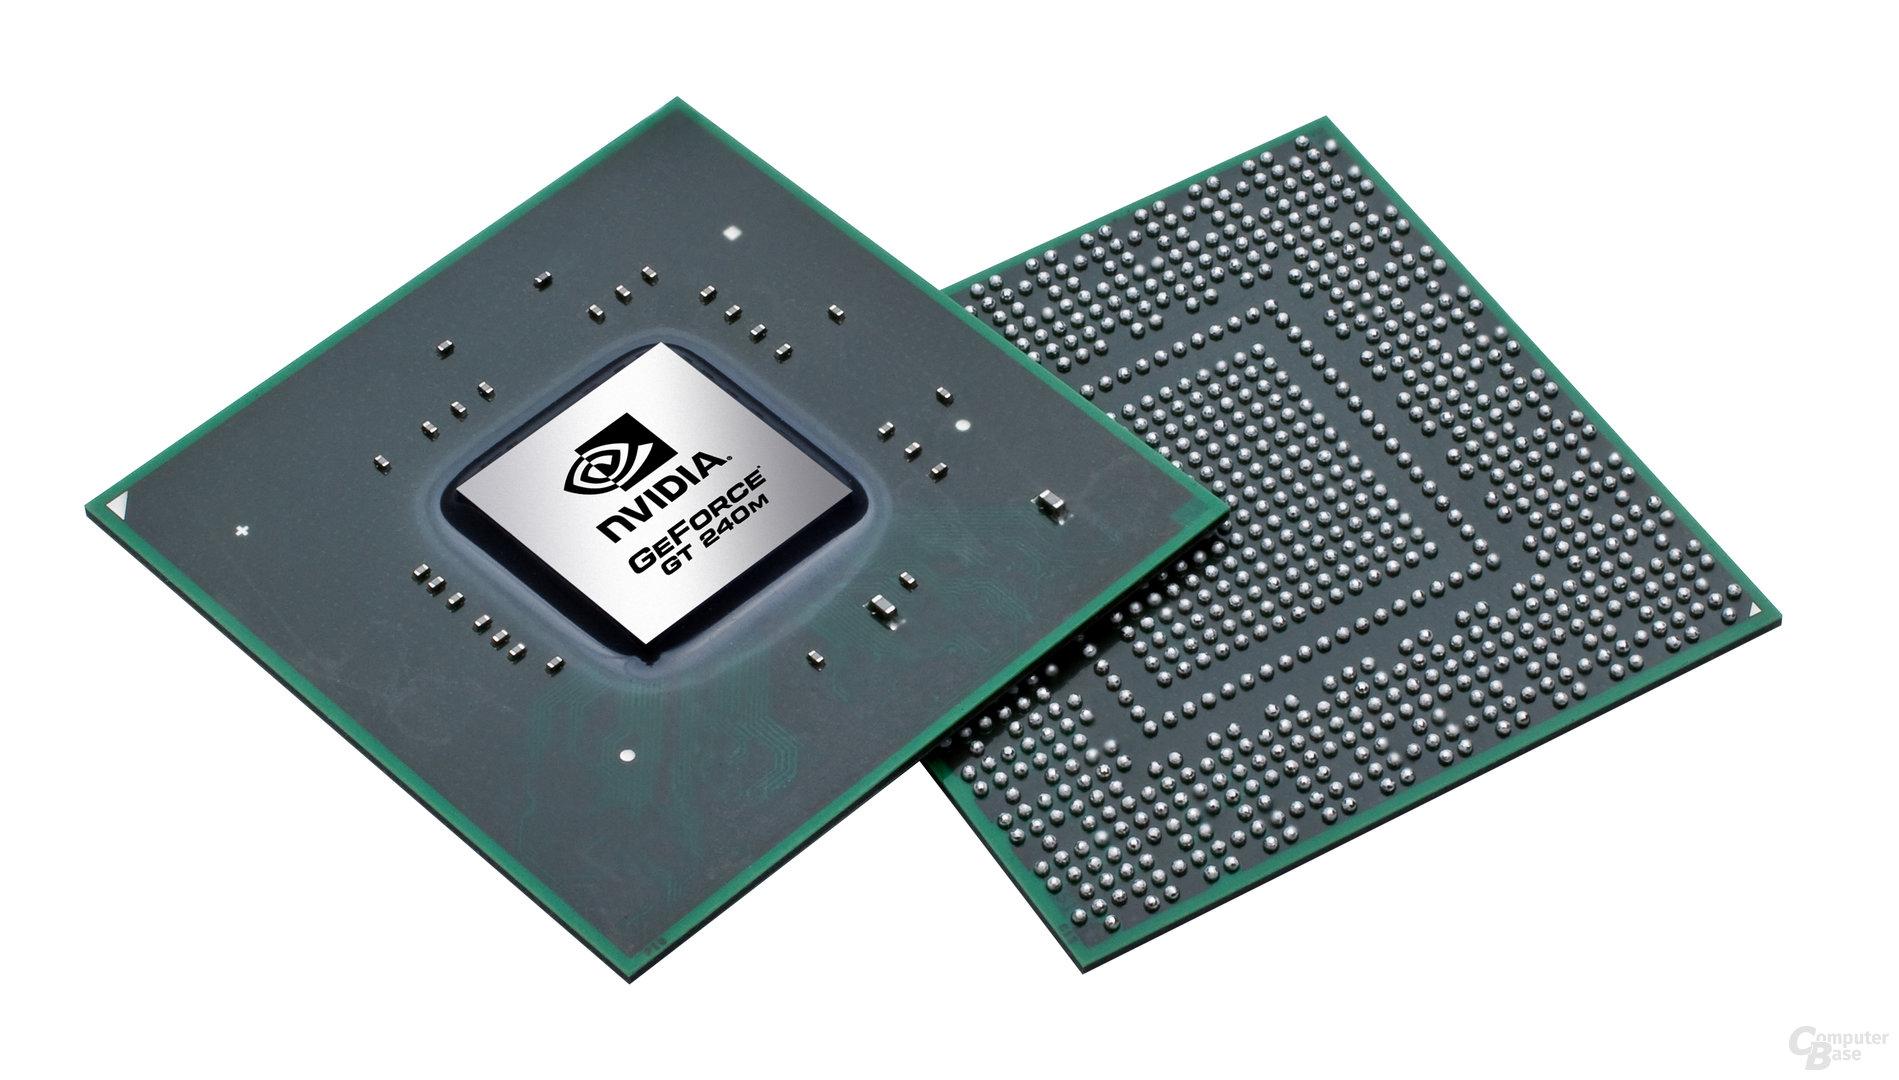 GeForce GT 240M